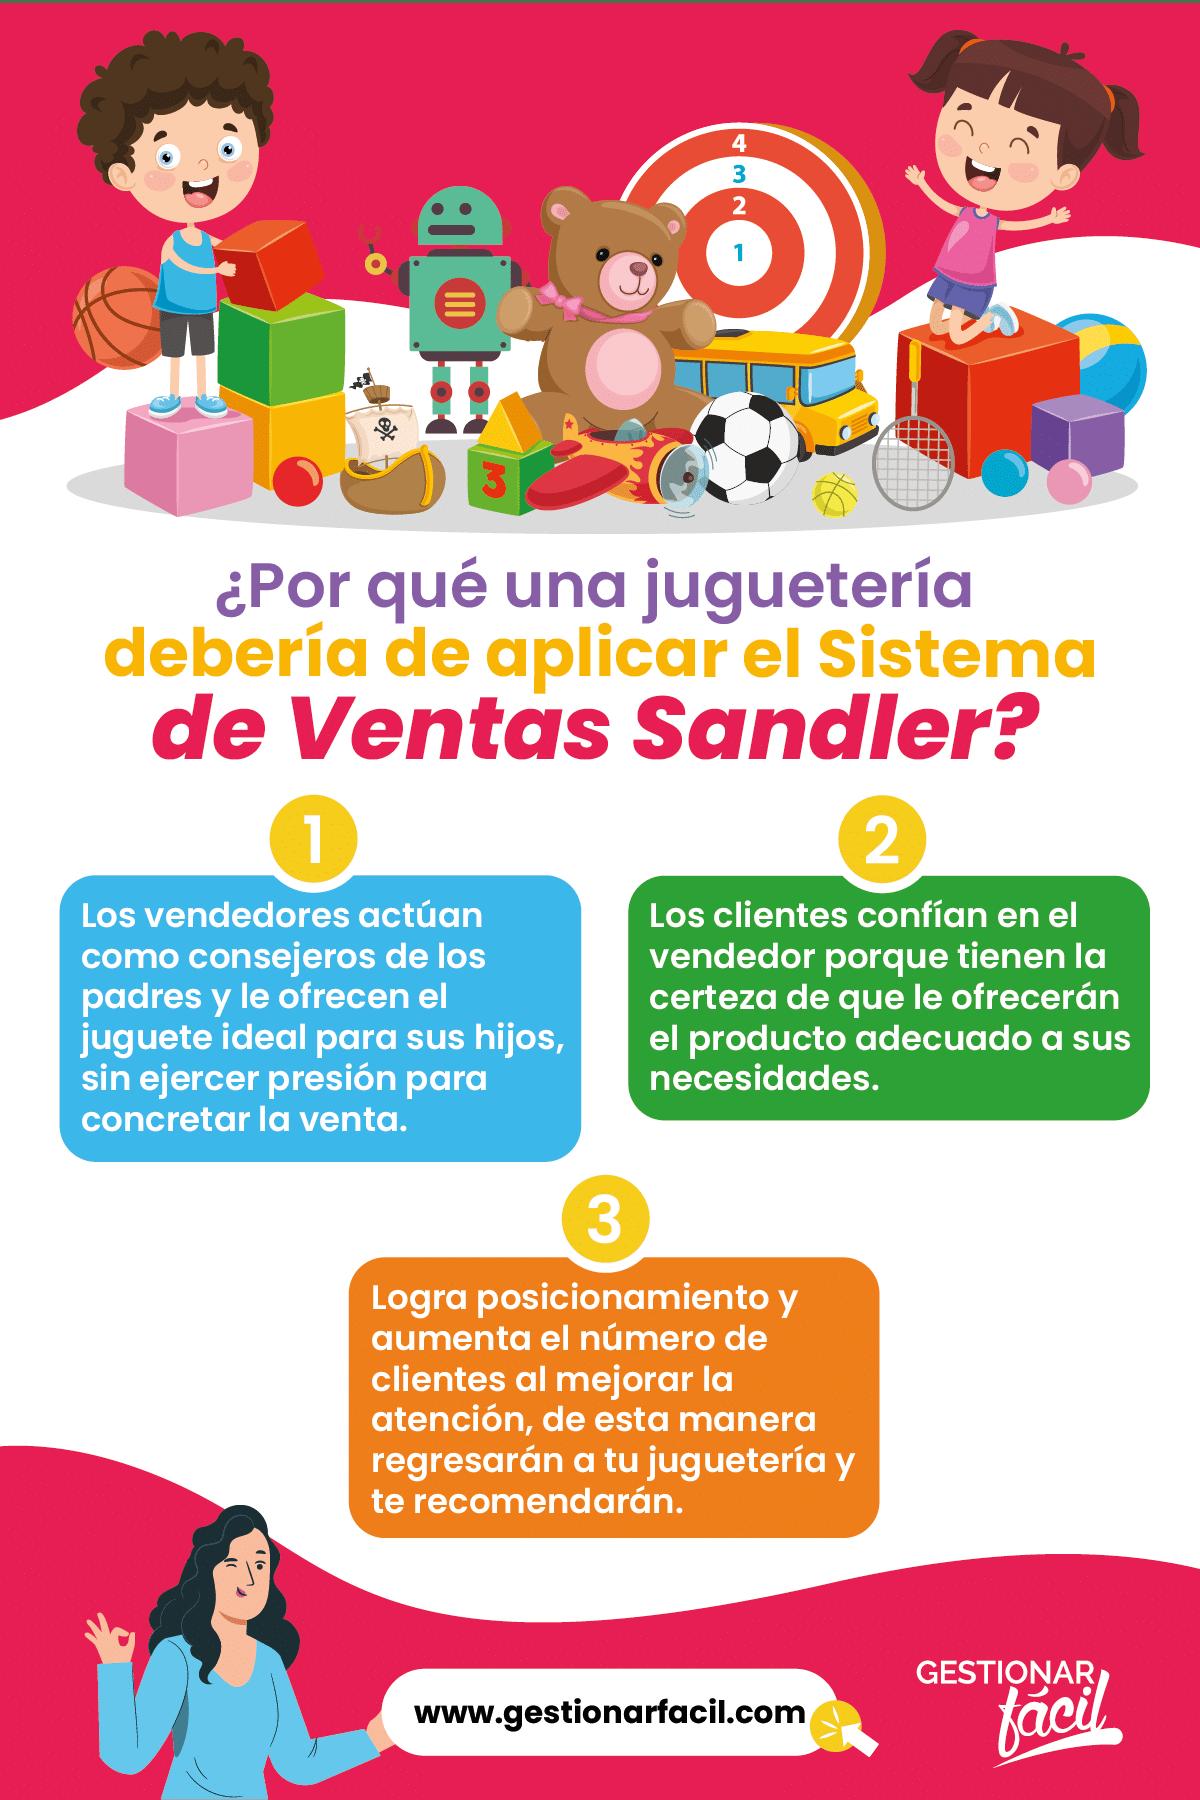 Sistema de ventas Sandler en una juguetería.